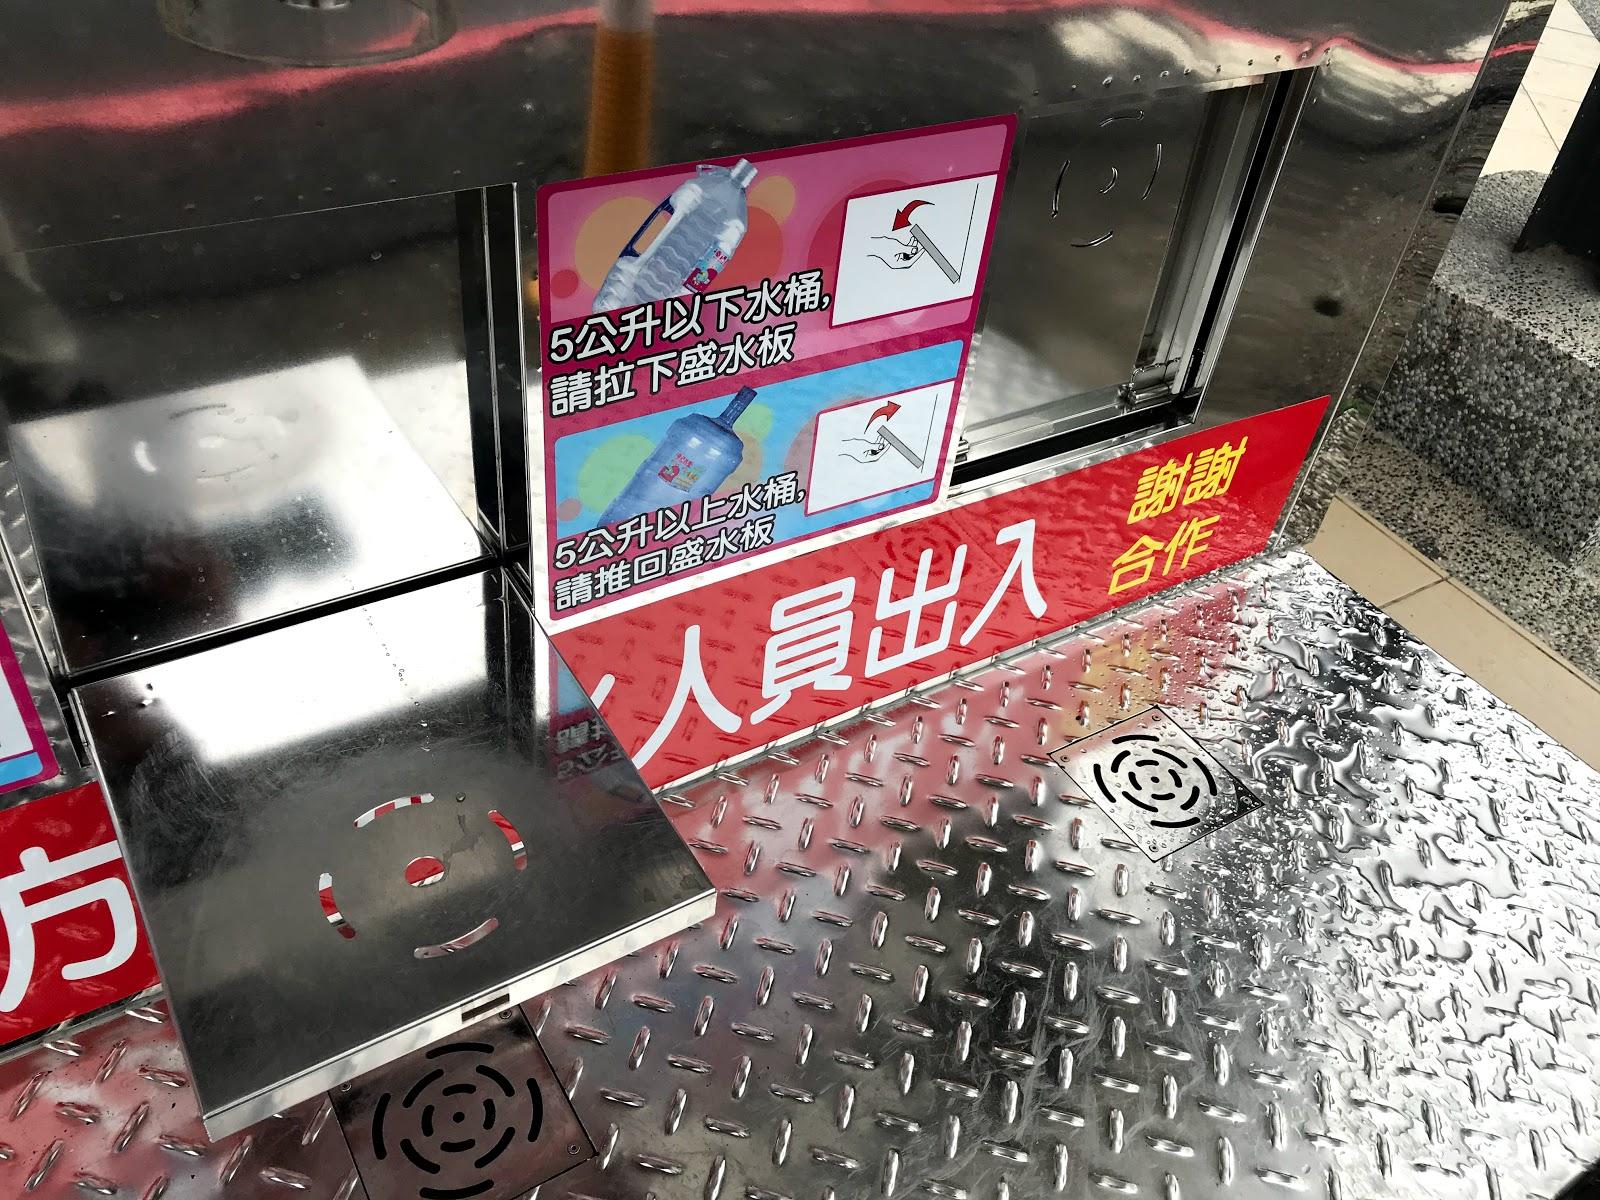 【台南|善化】幸福水屋 全聯善化忠孝站|全天候24H為你提供優質水源的好鄰居